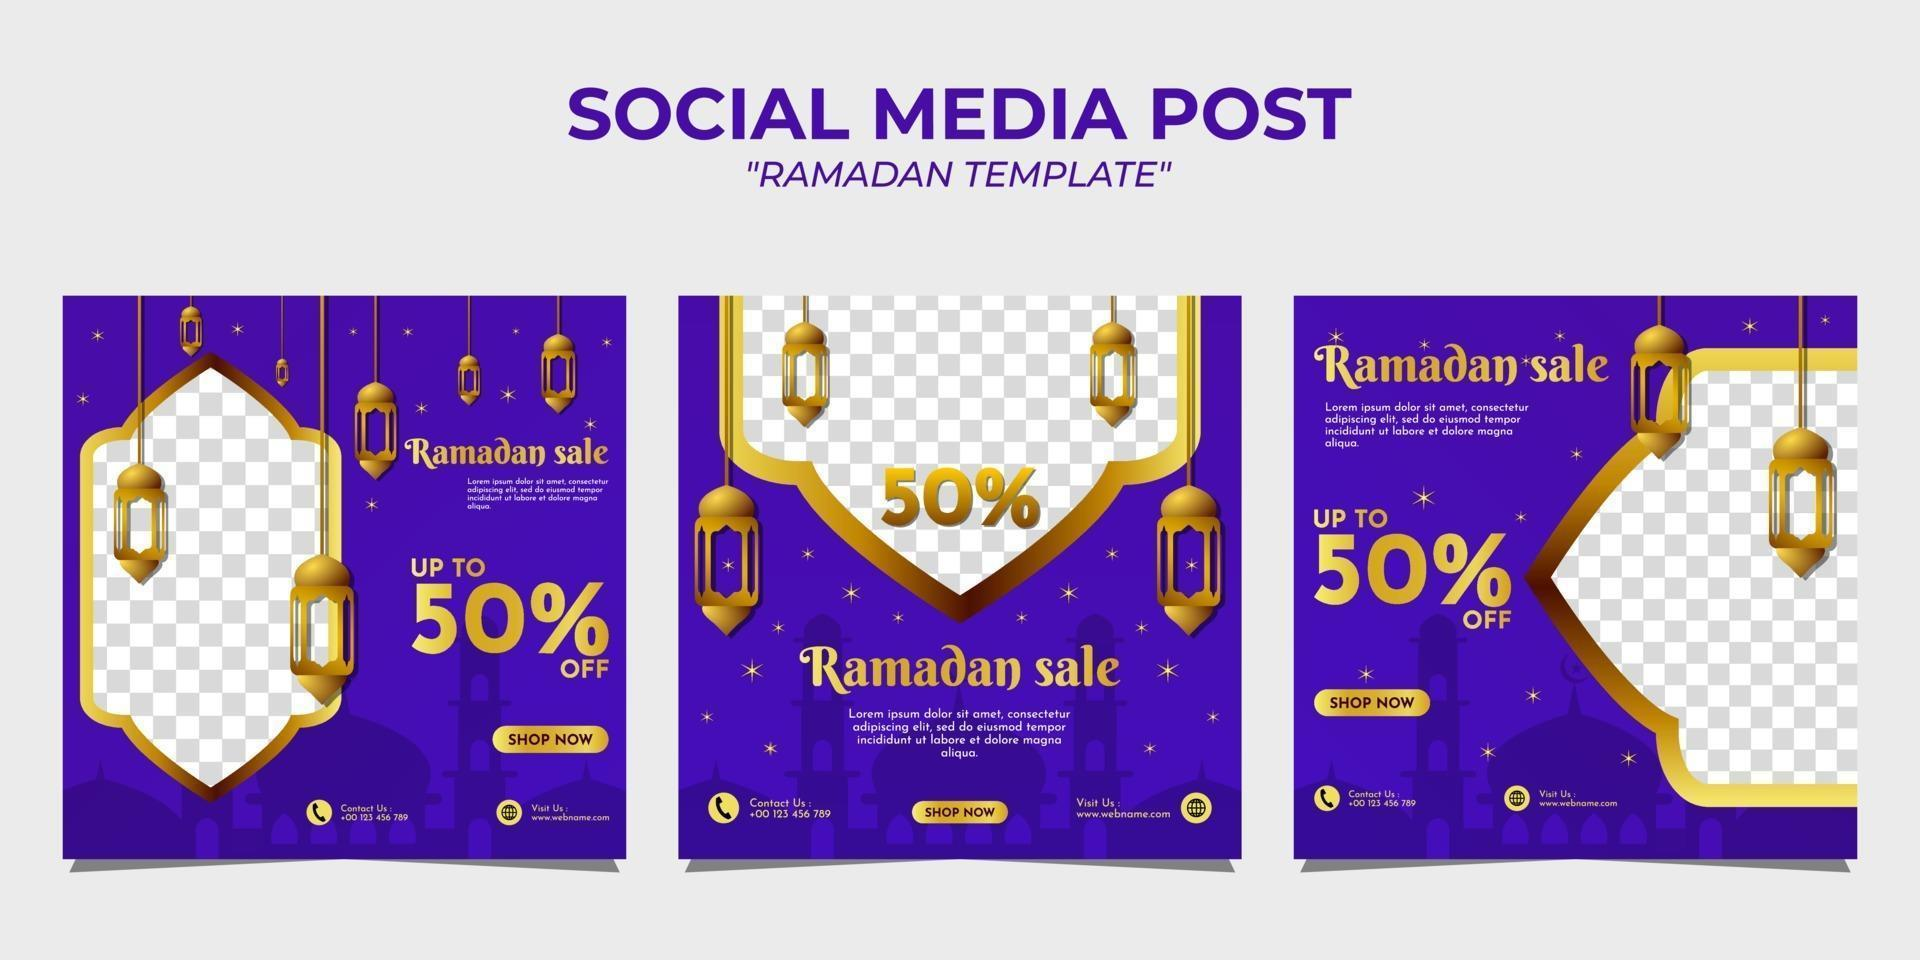 ramadan verkoop sociale media postsjabloon vector